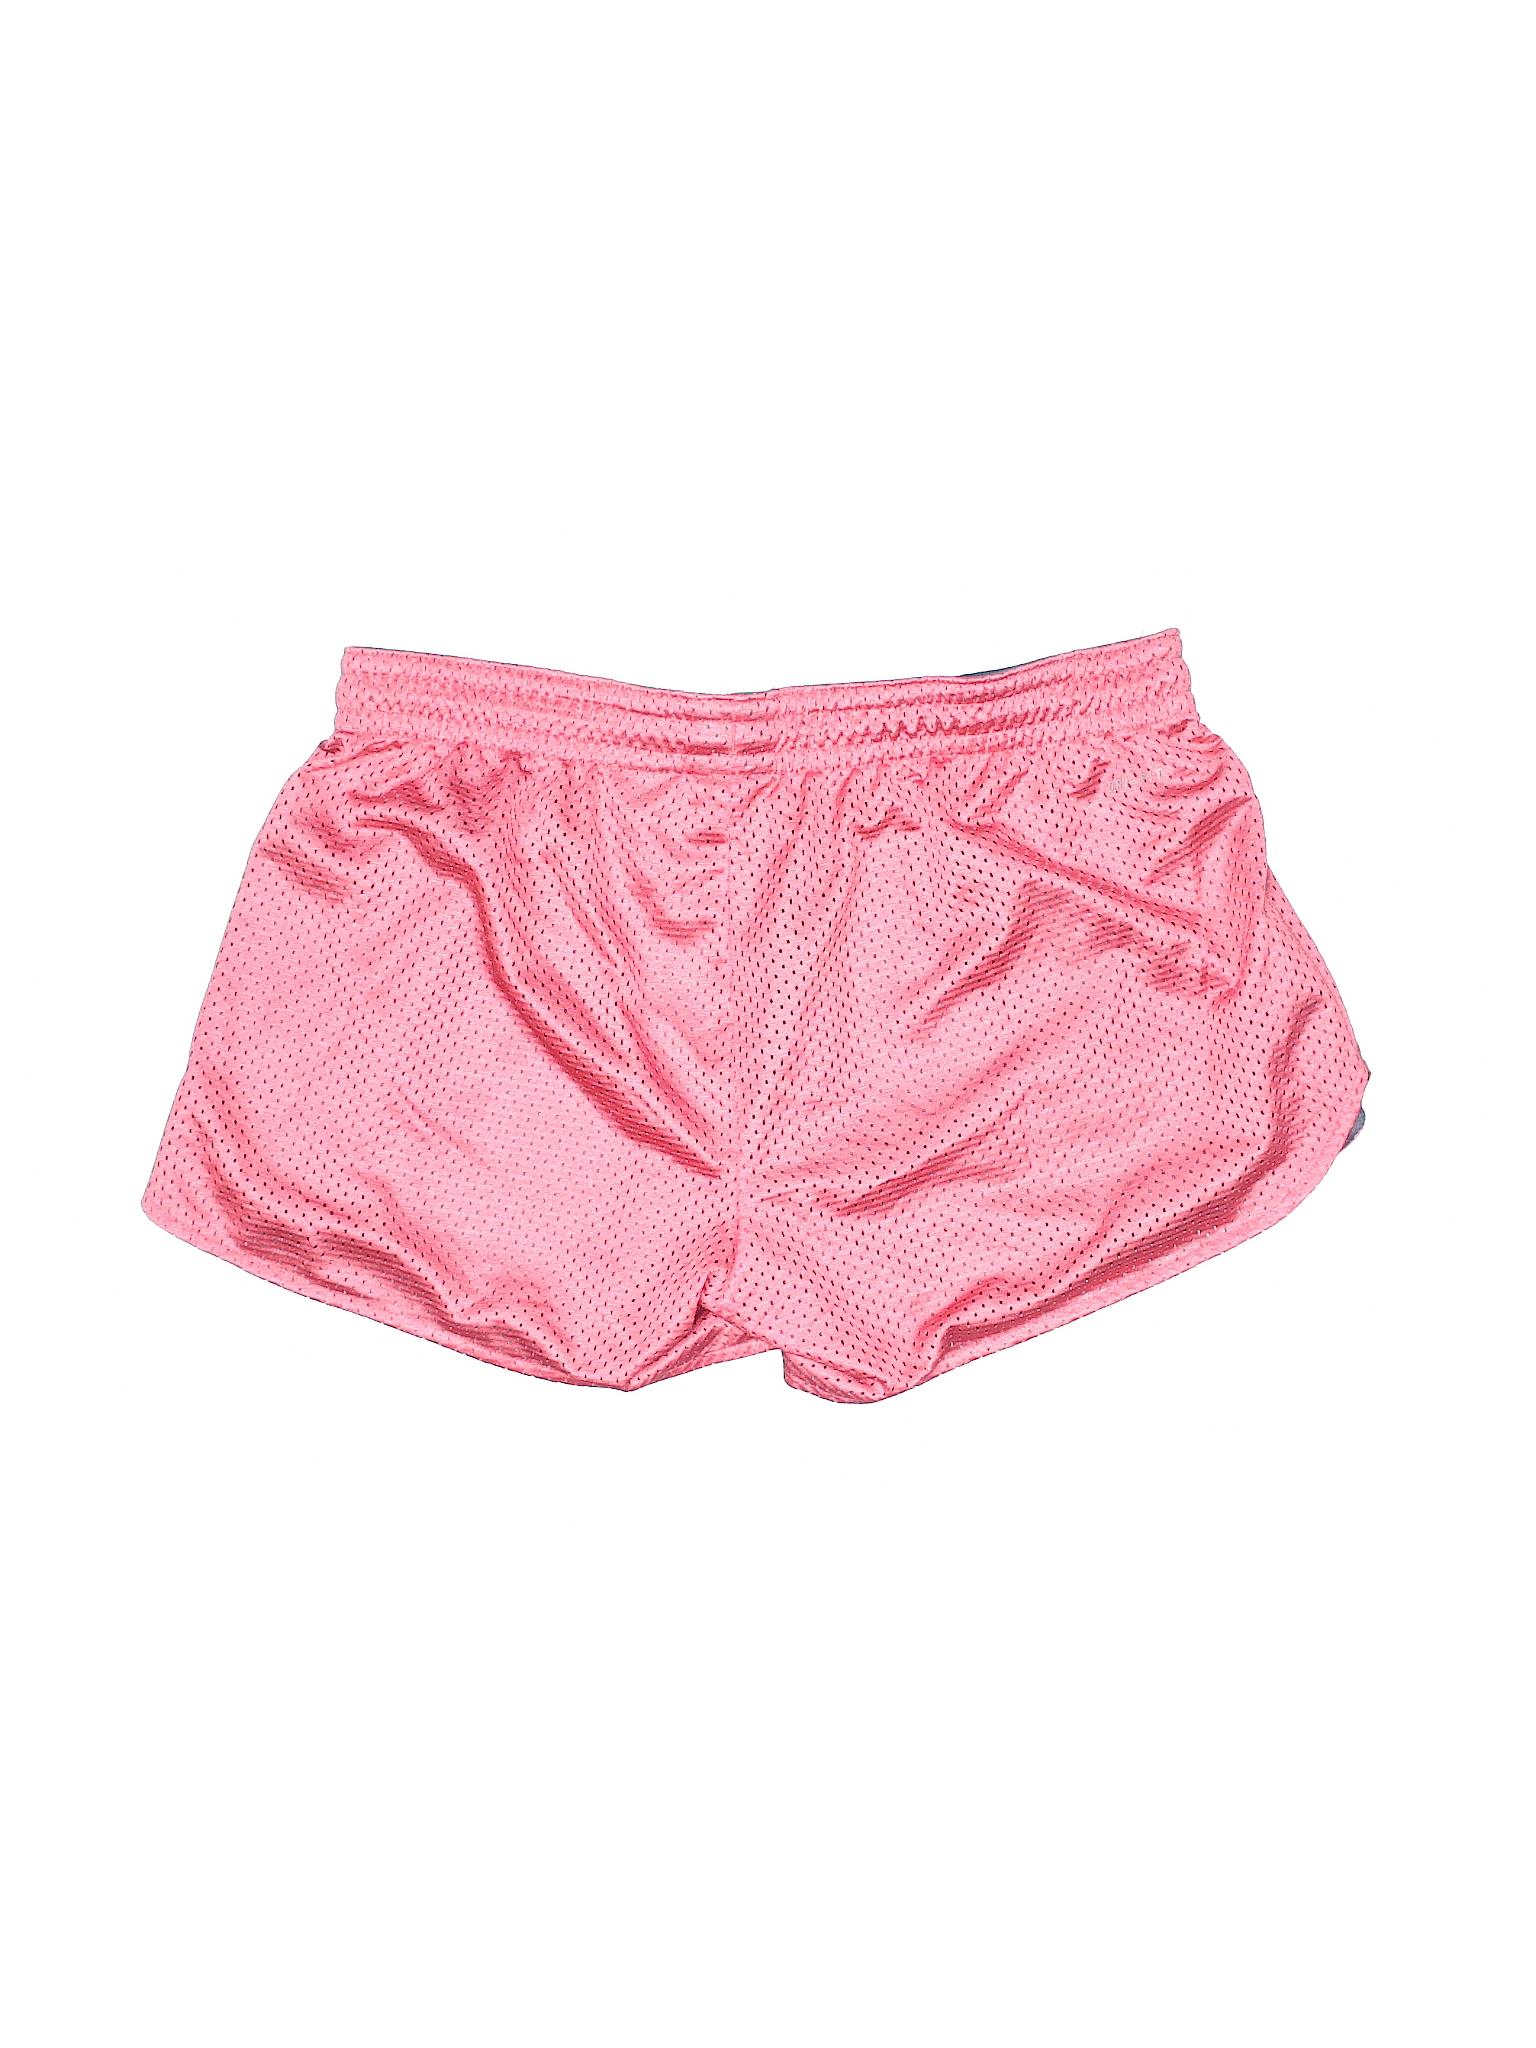 Nike Nike Athletic Shorts Shorts Athletic Boutique Shorts Boutique Nike Boutique Boutique Athletic wqTZ0gBxp